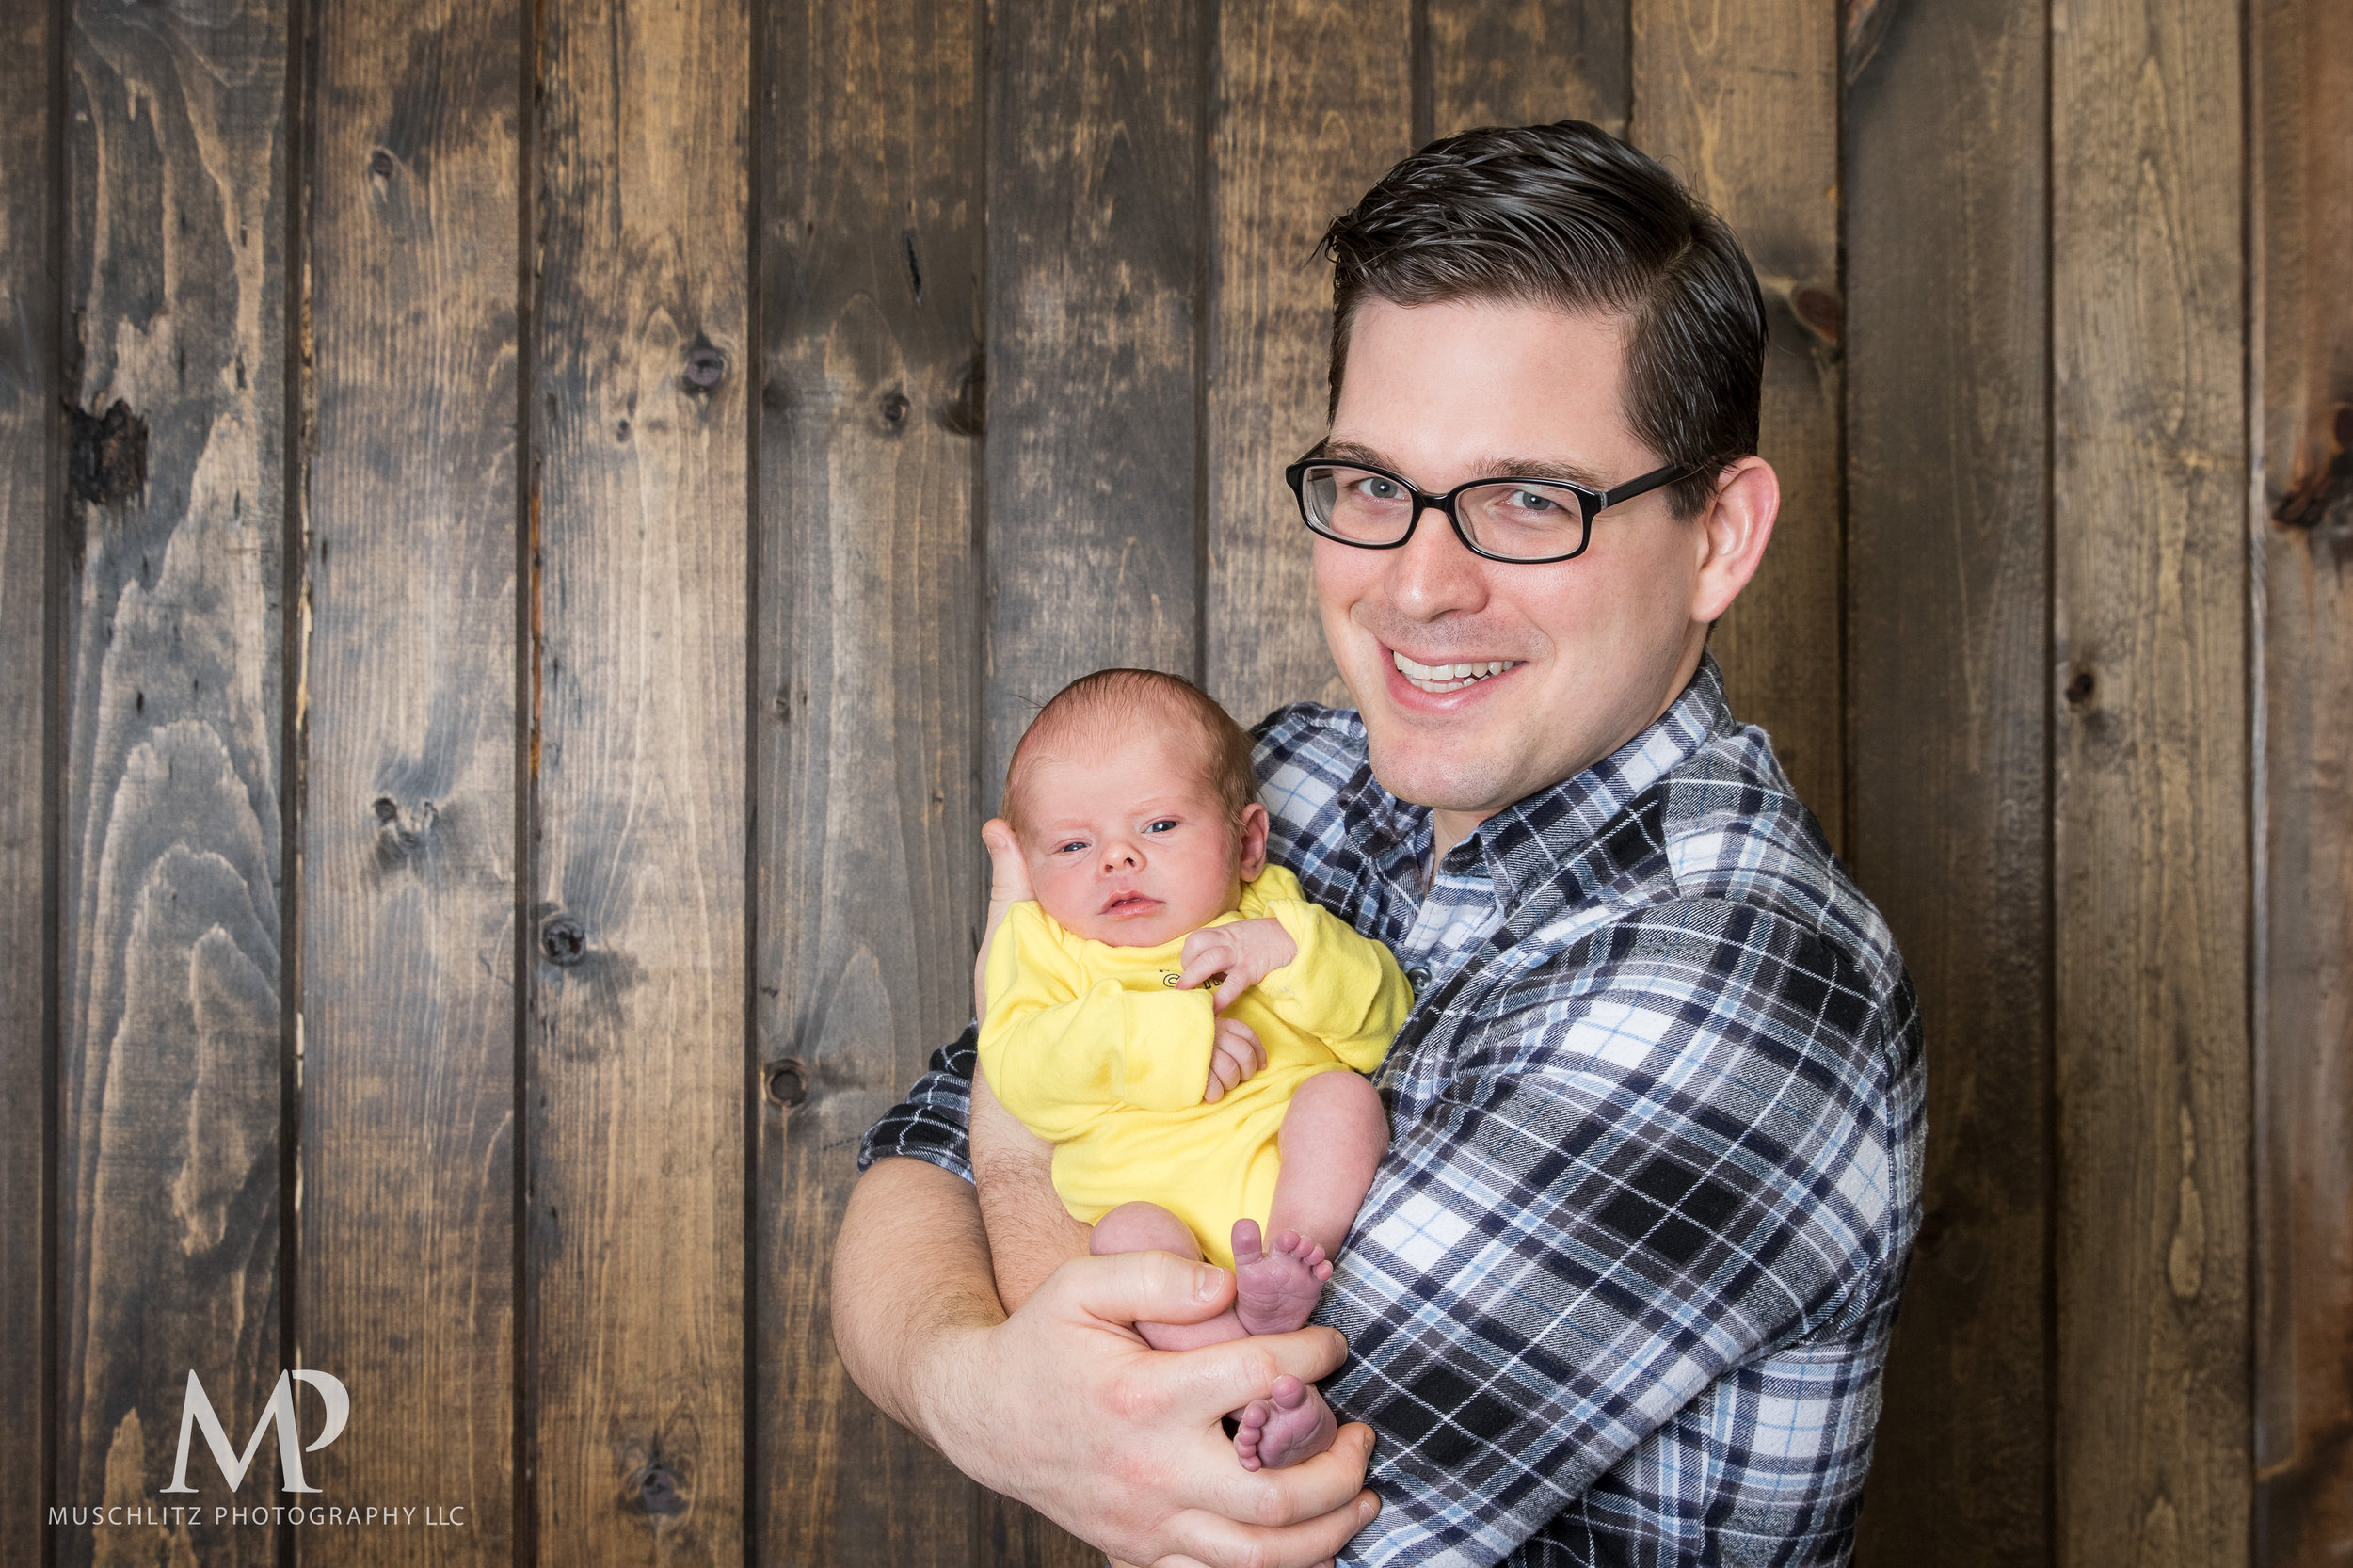 newborn-baby-photographer-columbus-ohio-gahanna-muschlitz-photography-010.JPG